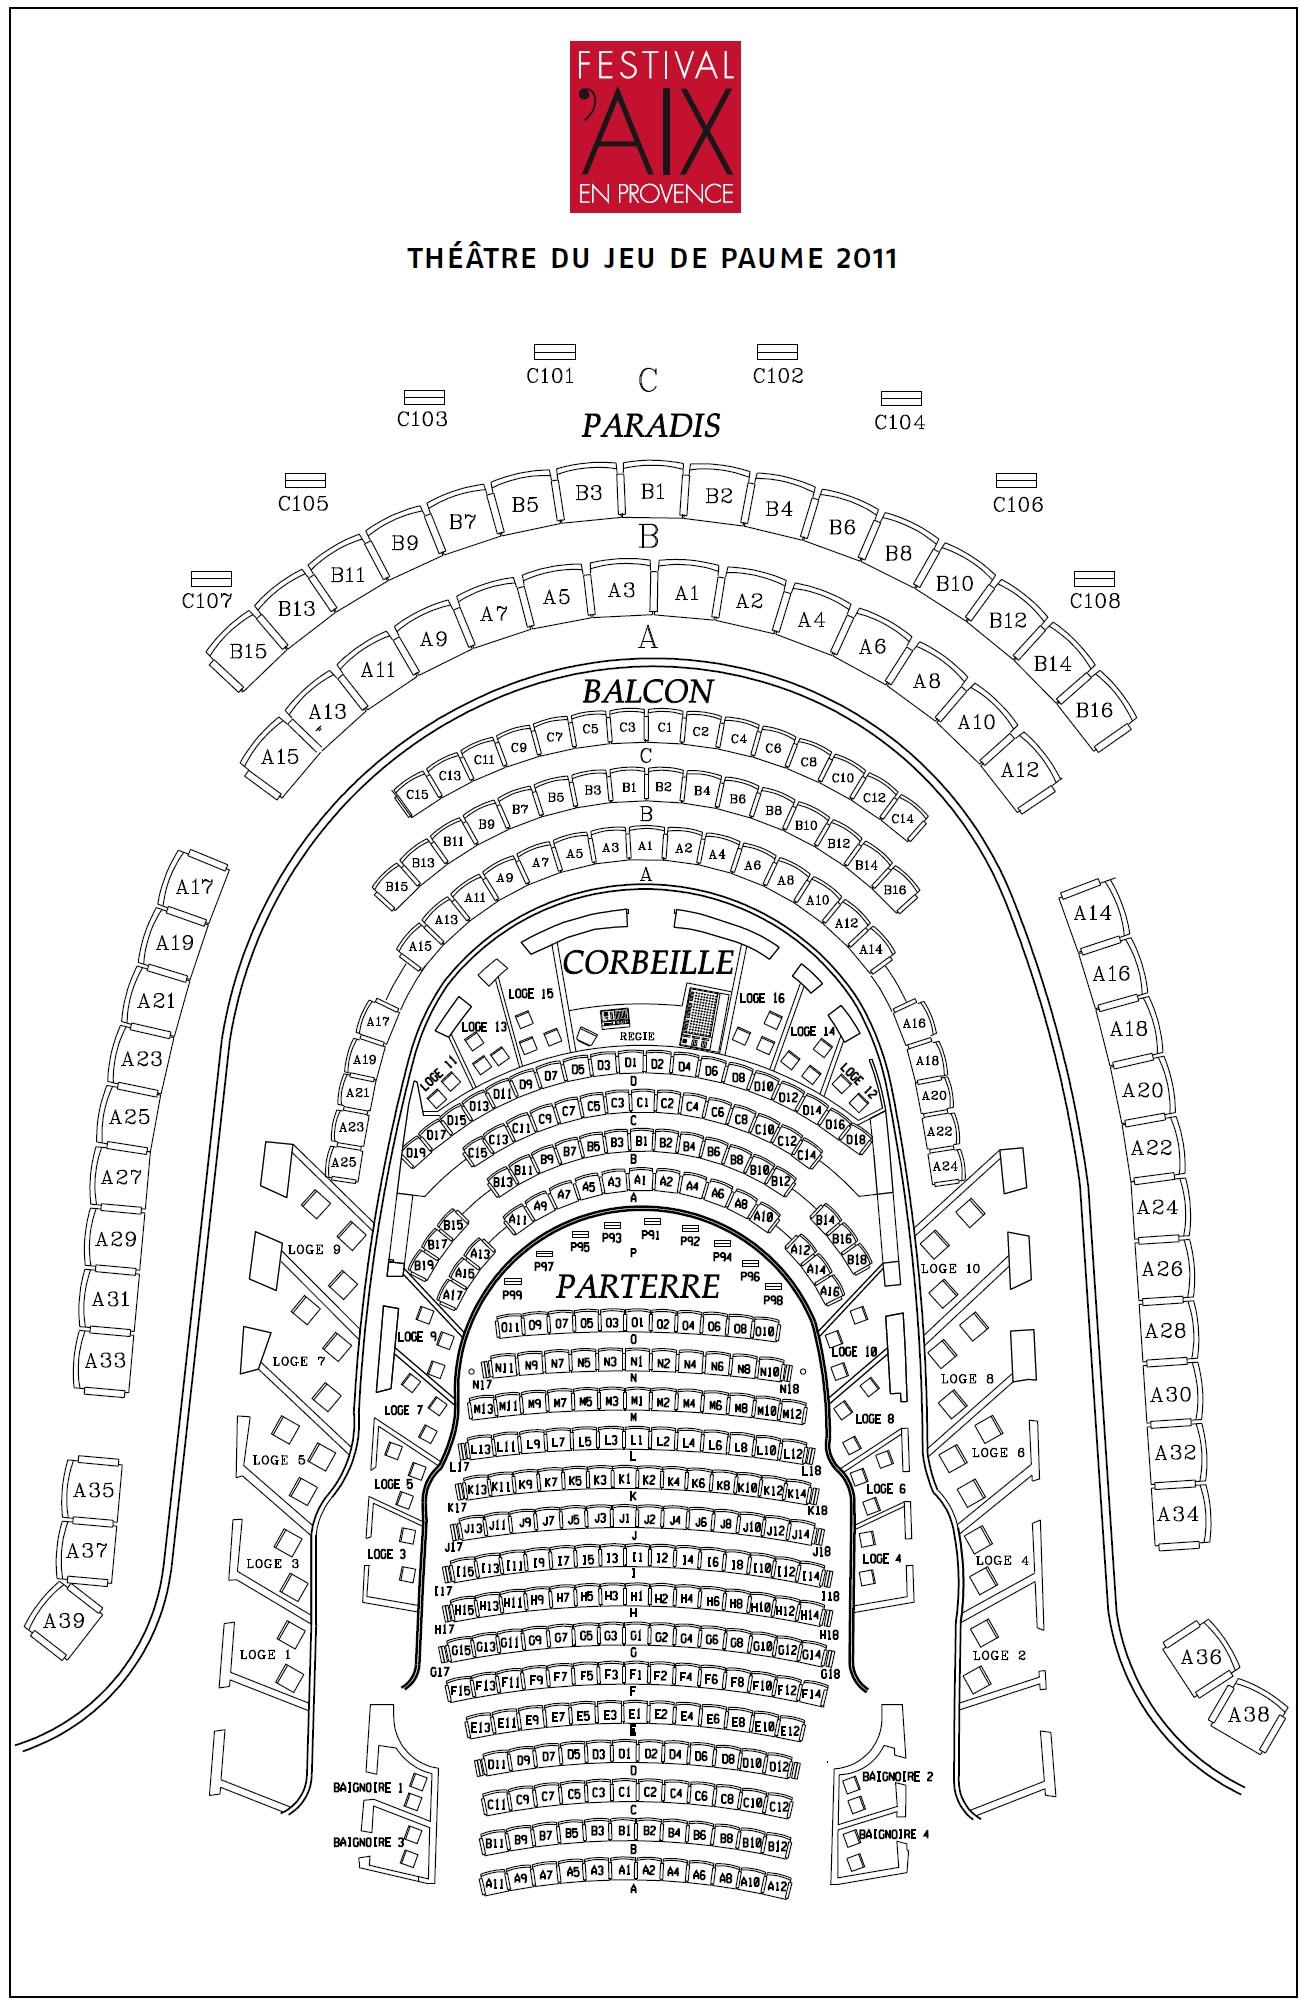 Экс-ан-Прованский оперный фестиваль. Схема THÉÂTRE DU JEU DE PAUME